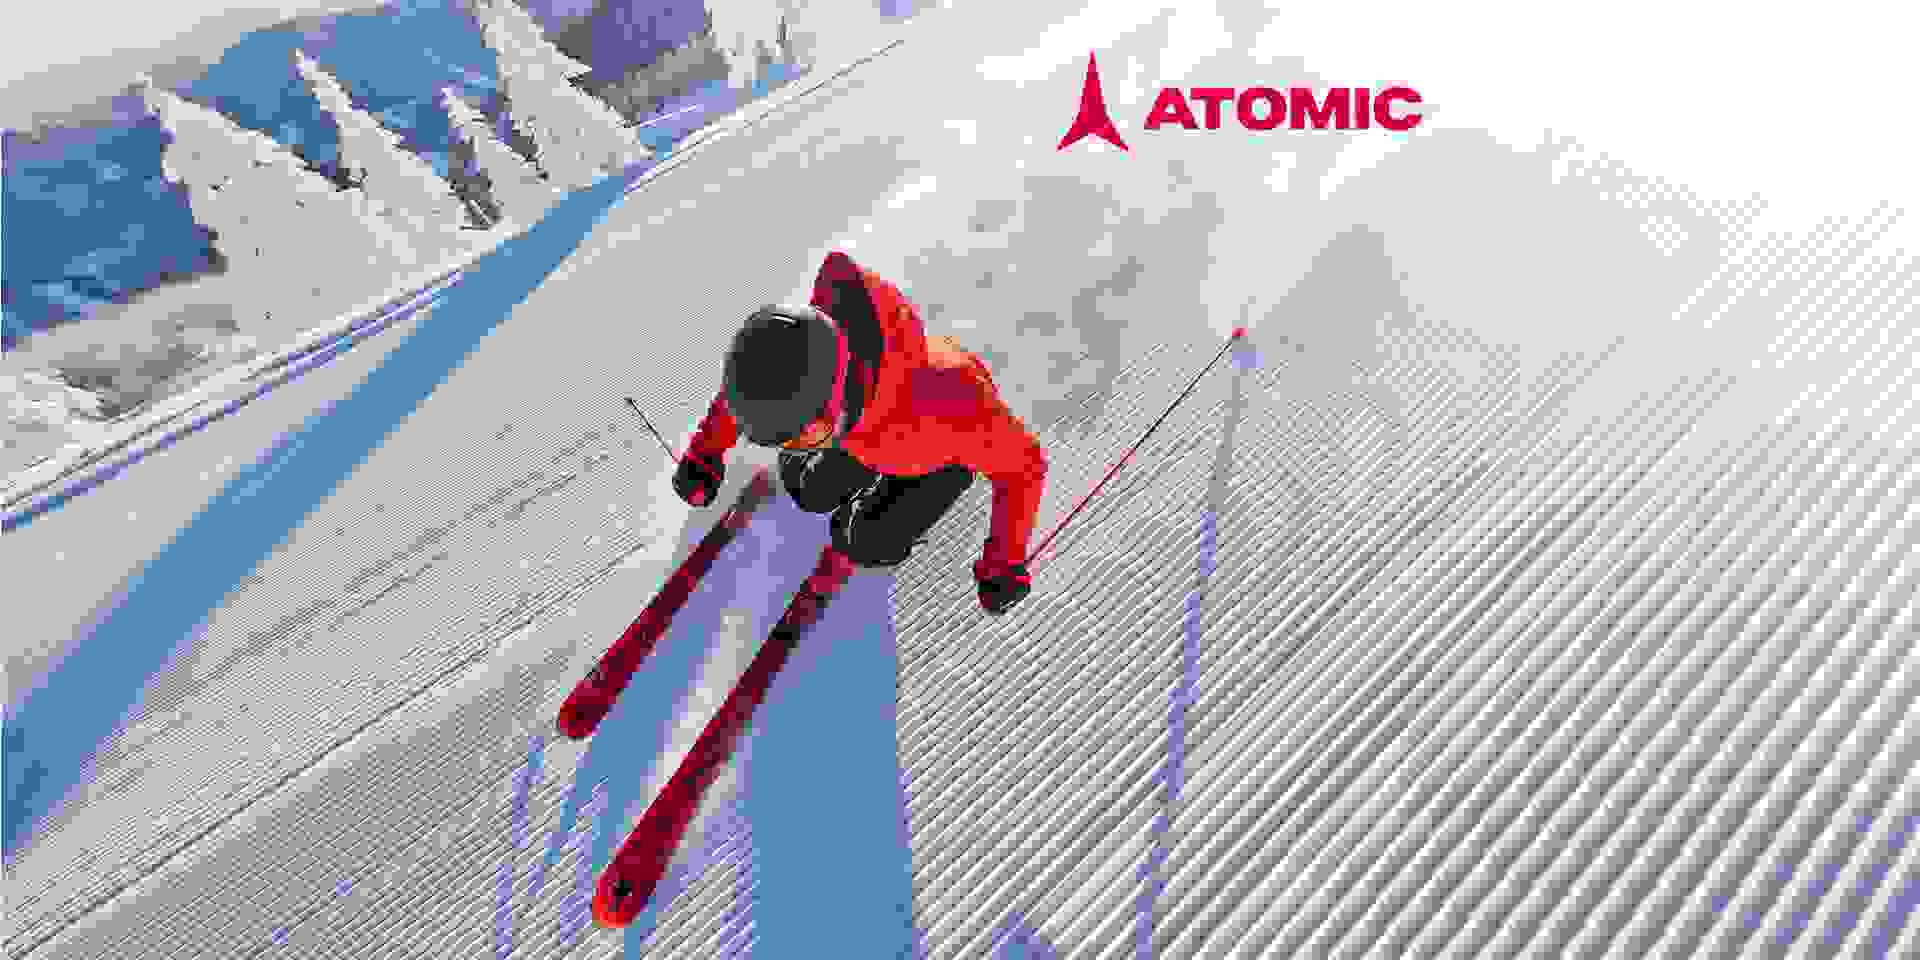 zum Wintersportsortiment von Atomic